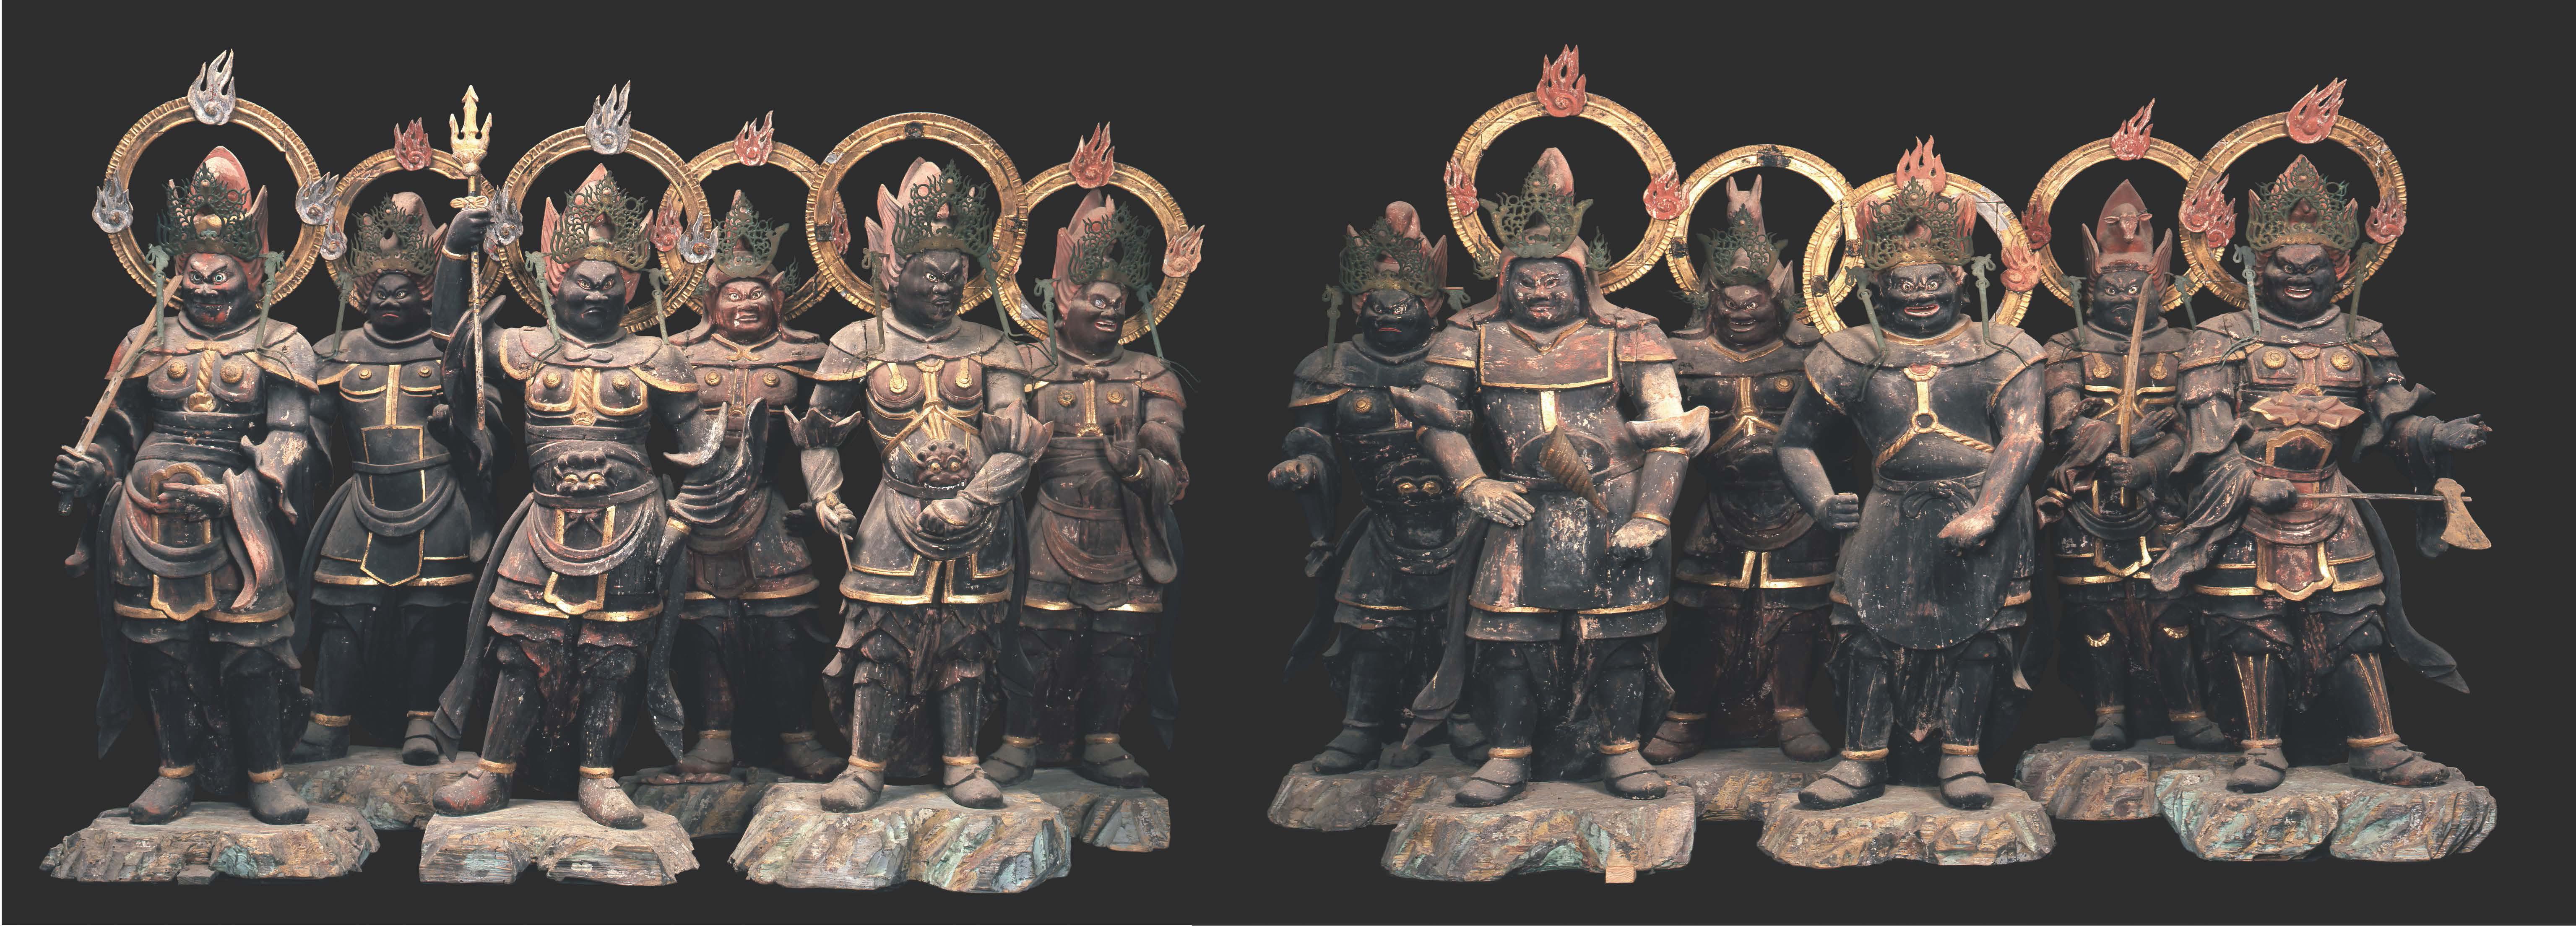 十二神将立像(鎌倉時代、明通寺所蔵)